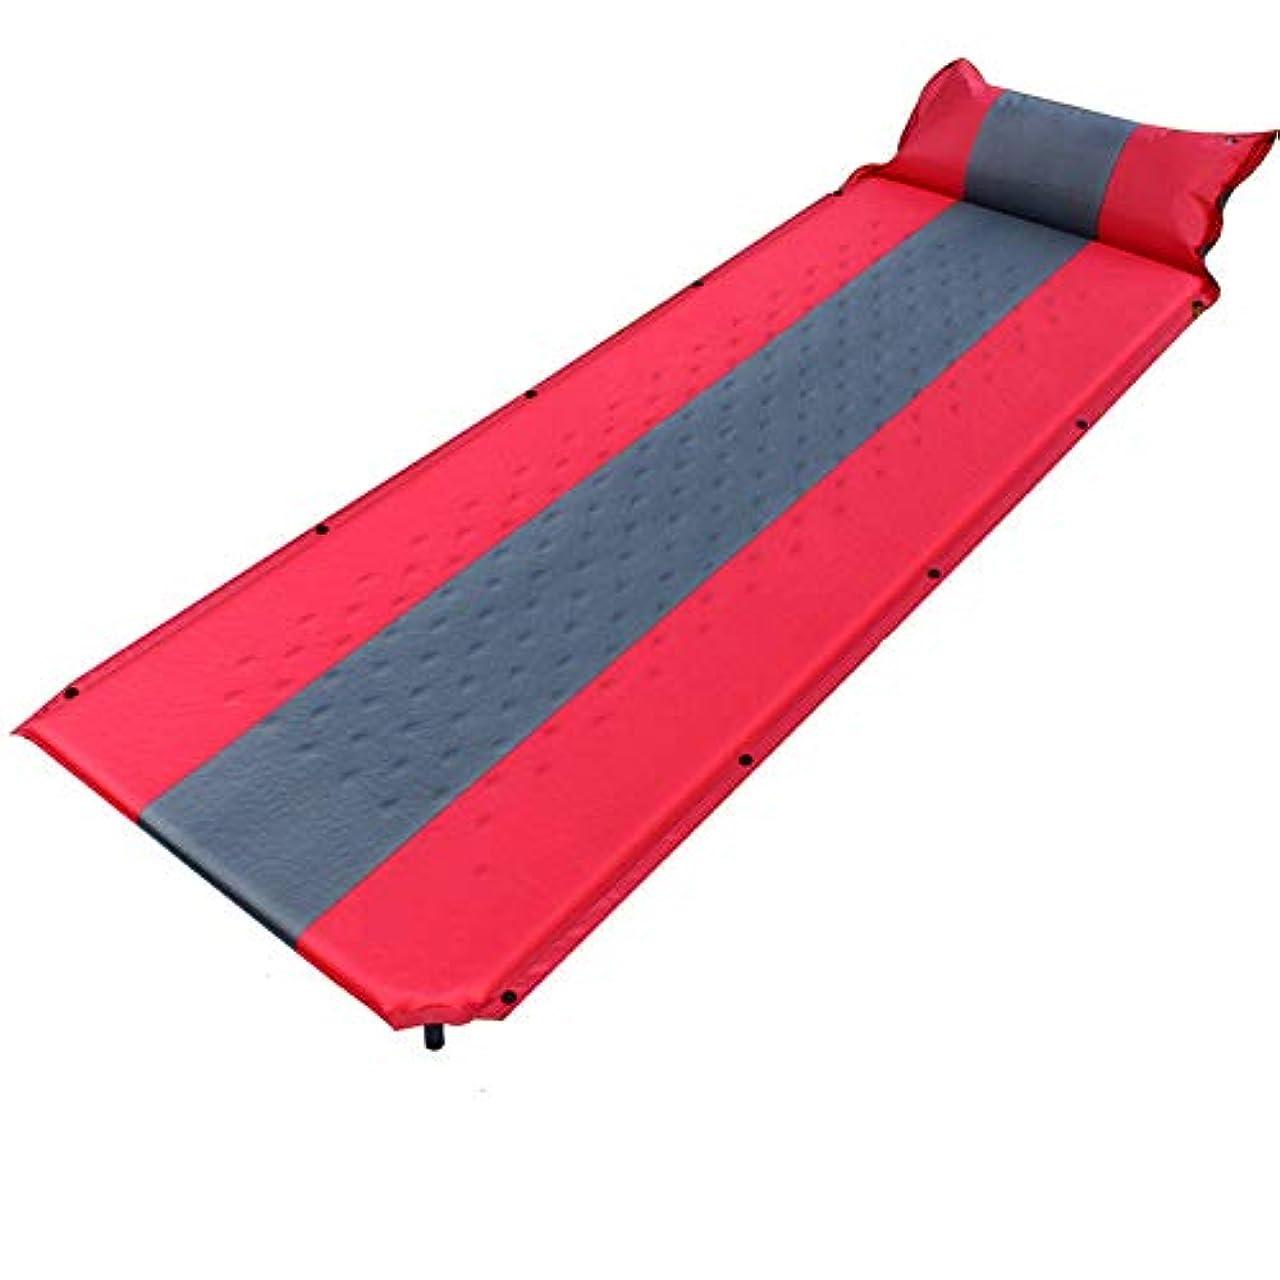 時期尚早修正ランク自己膨脹式キャンプマットスリーピングパッド付き枕メモリースポンジスプライス可能ピクニックビーチマットレスポータブルテントベッドマット